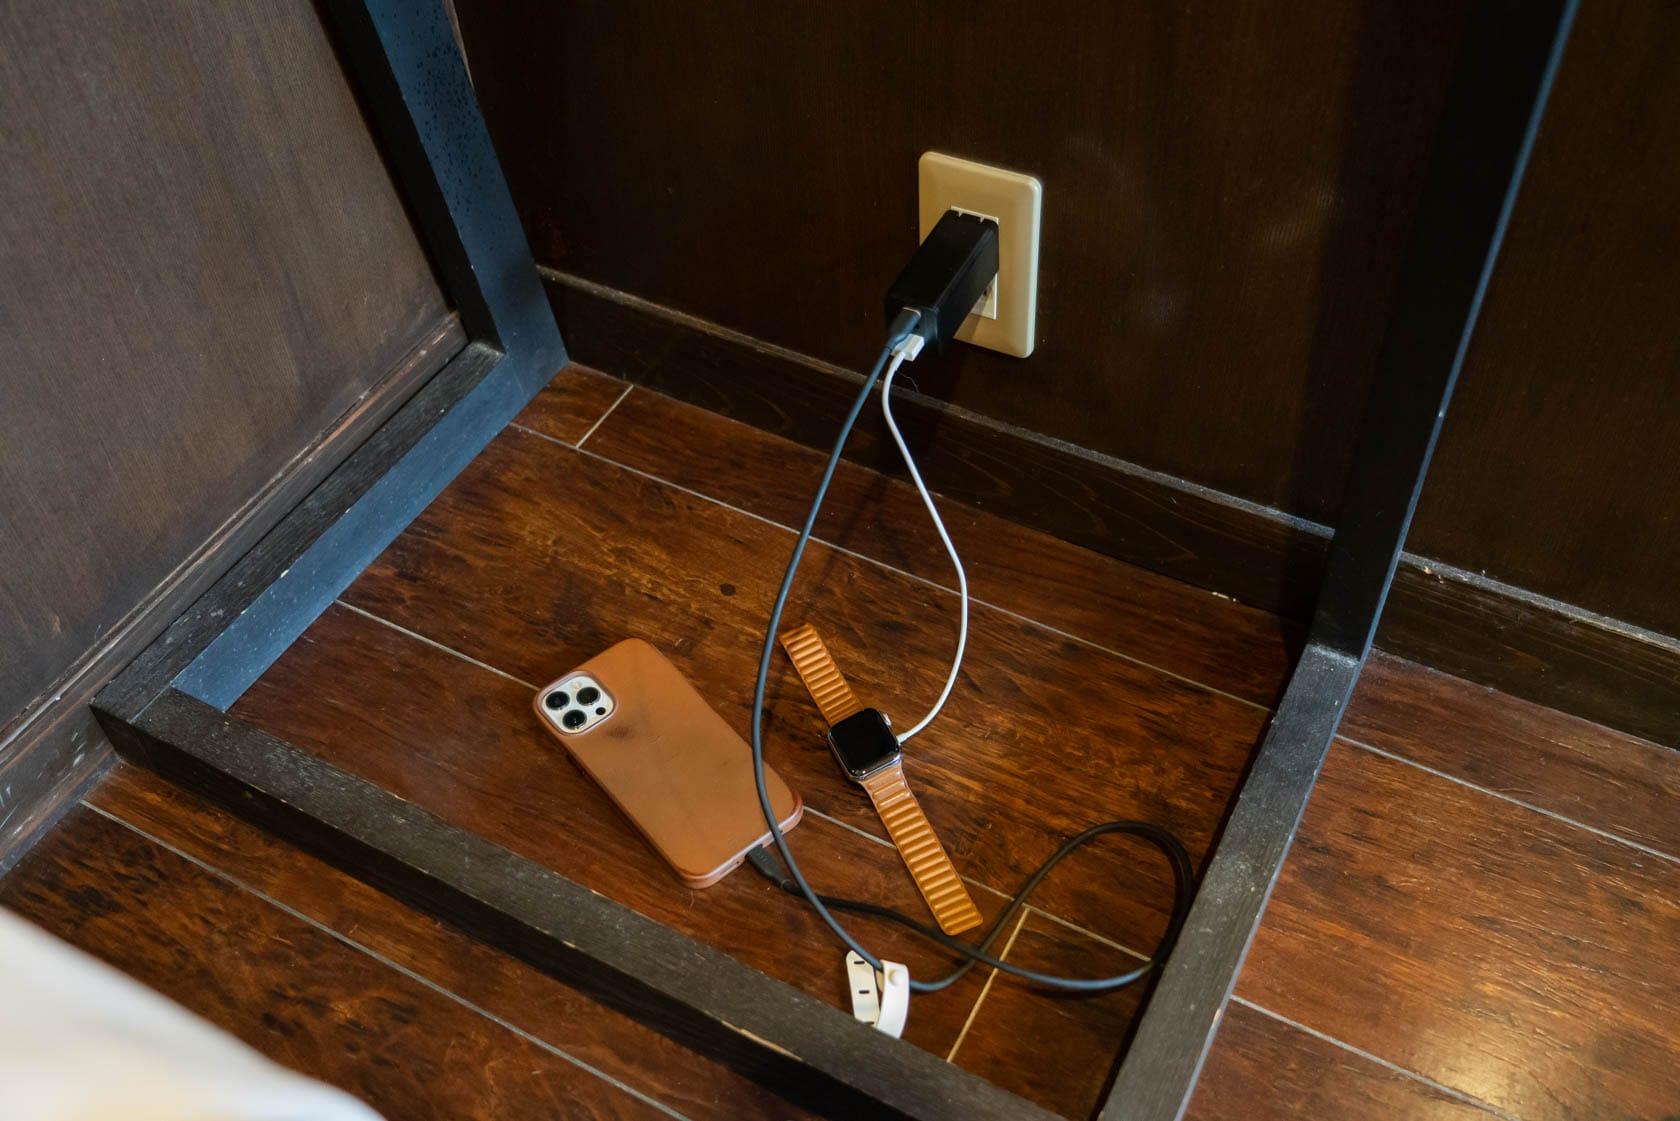 旅先での充電環境はごちゃごちゃしがち